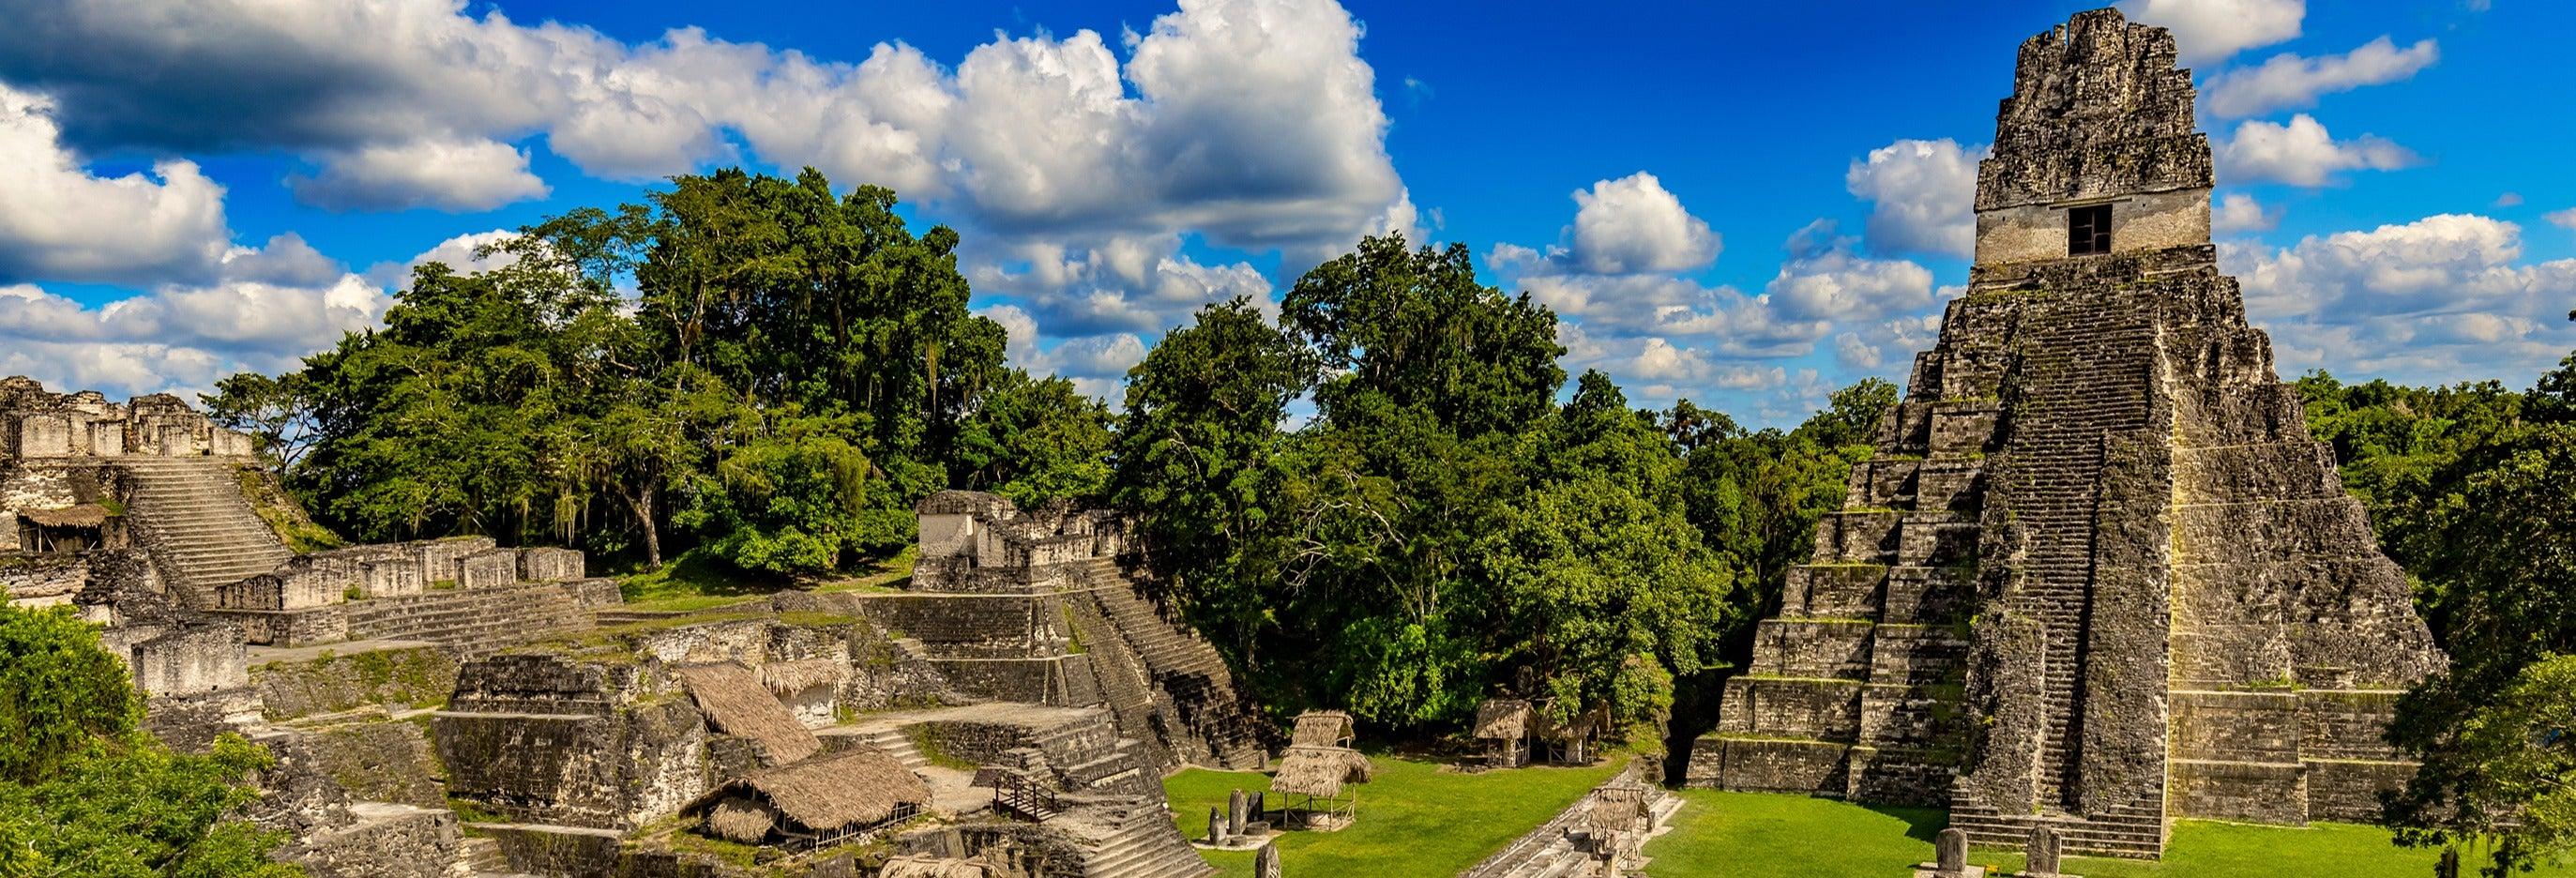 Excursión de 2 días a Tikal y El Remate